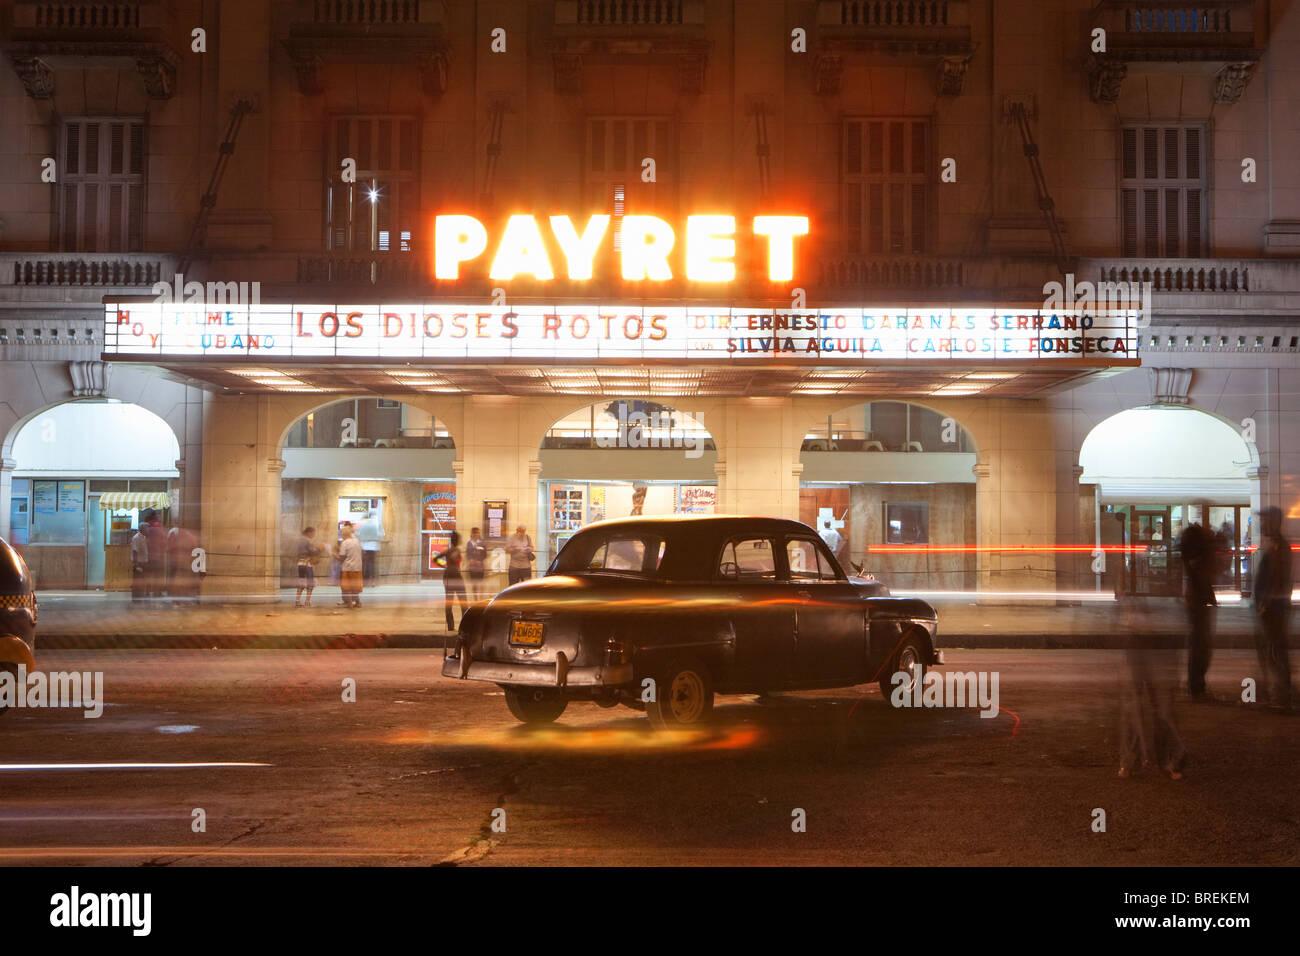 CENTRO HABANA: PAYRET CINEMA - Stock Image